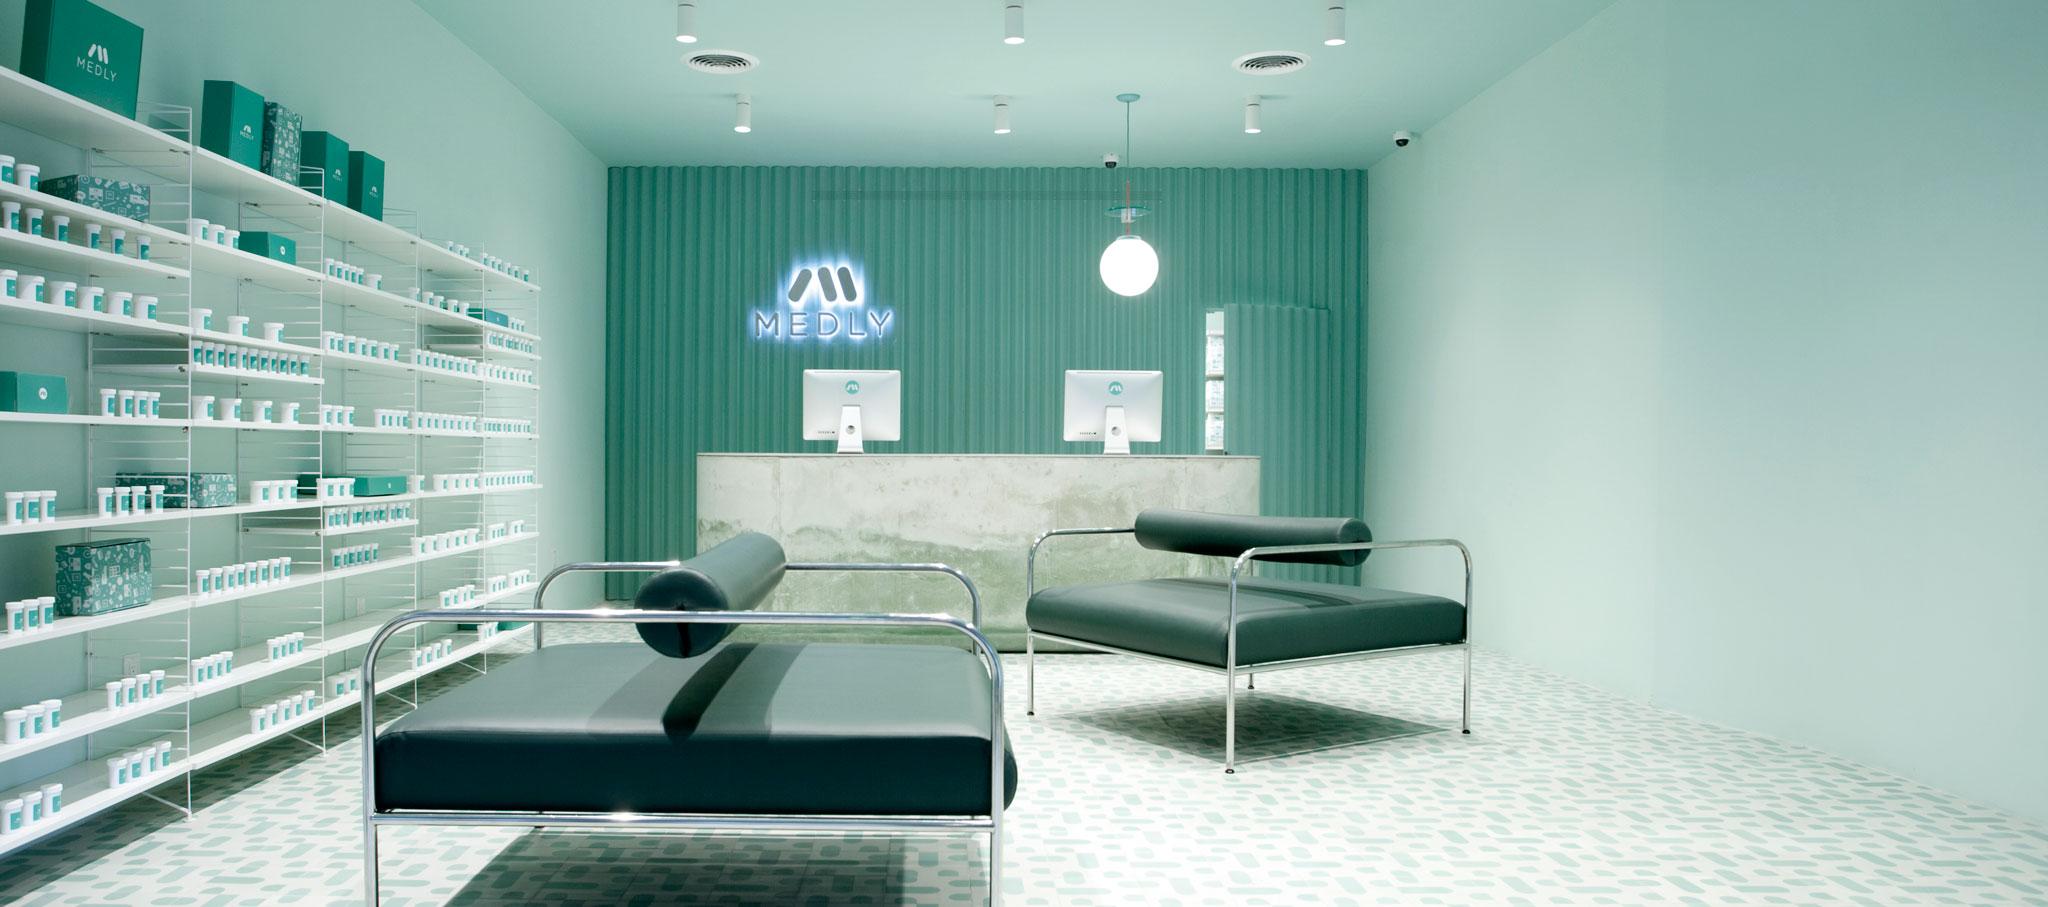 Farmacia Medly por Sergio Mannino Studio. Imagen cortesía de SM Studio